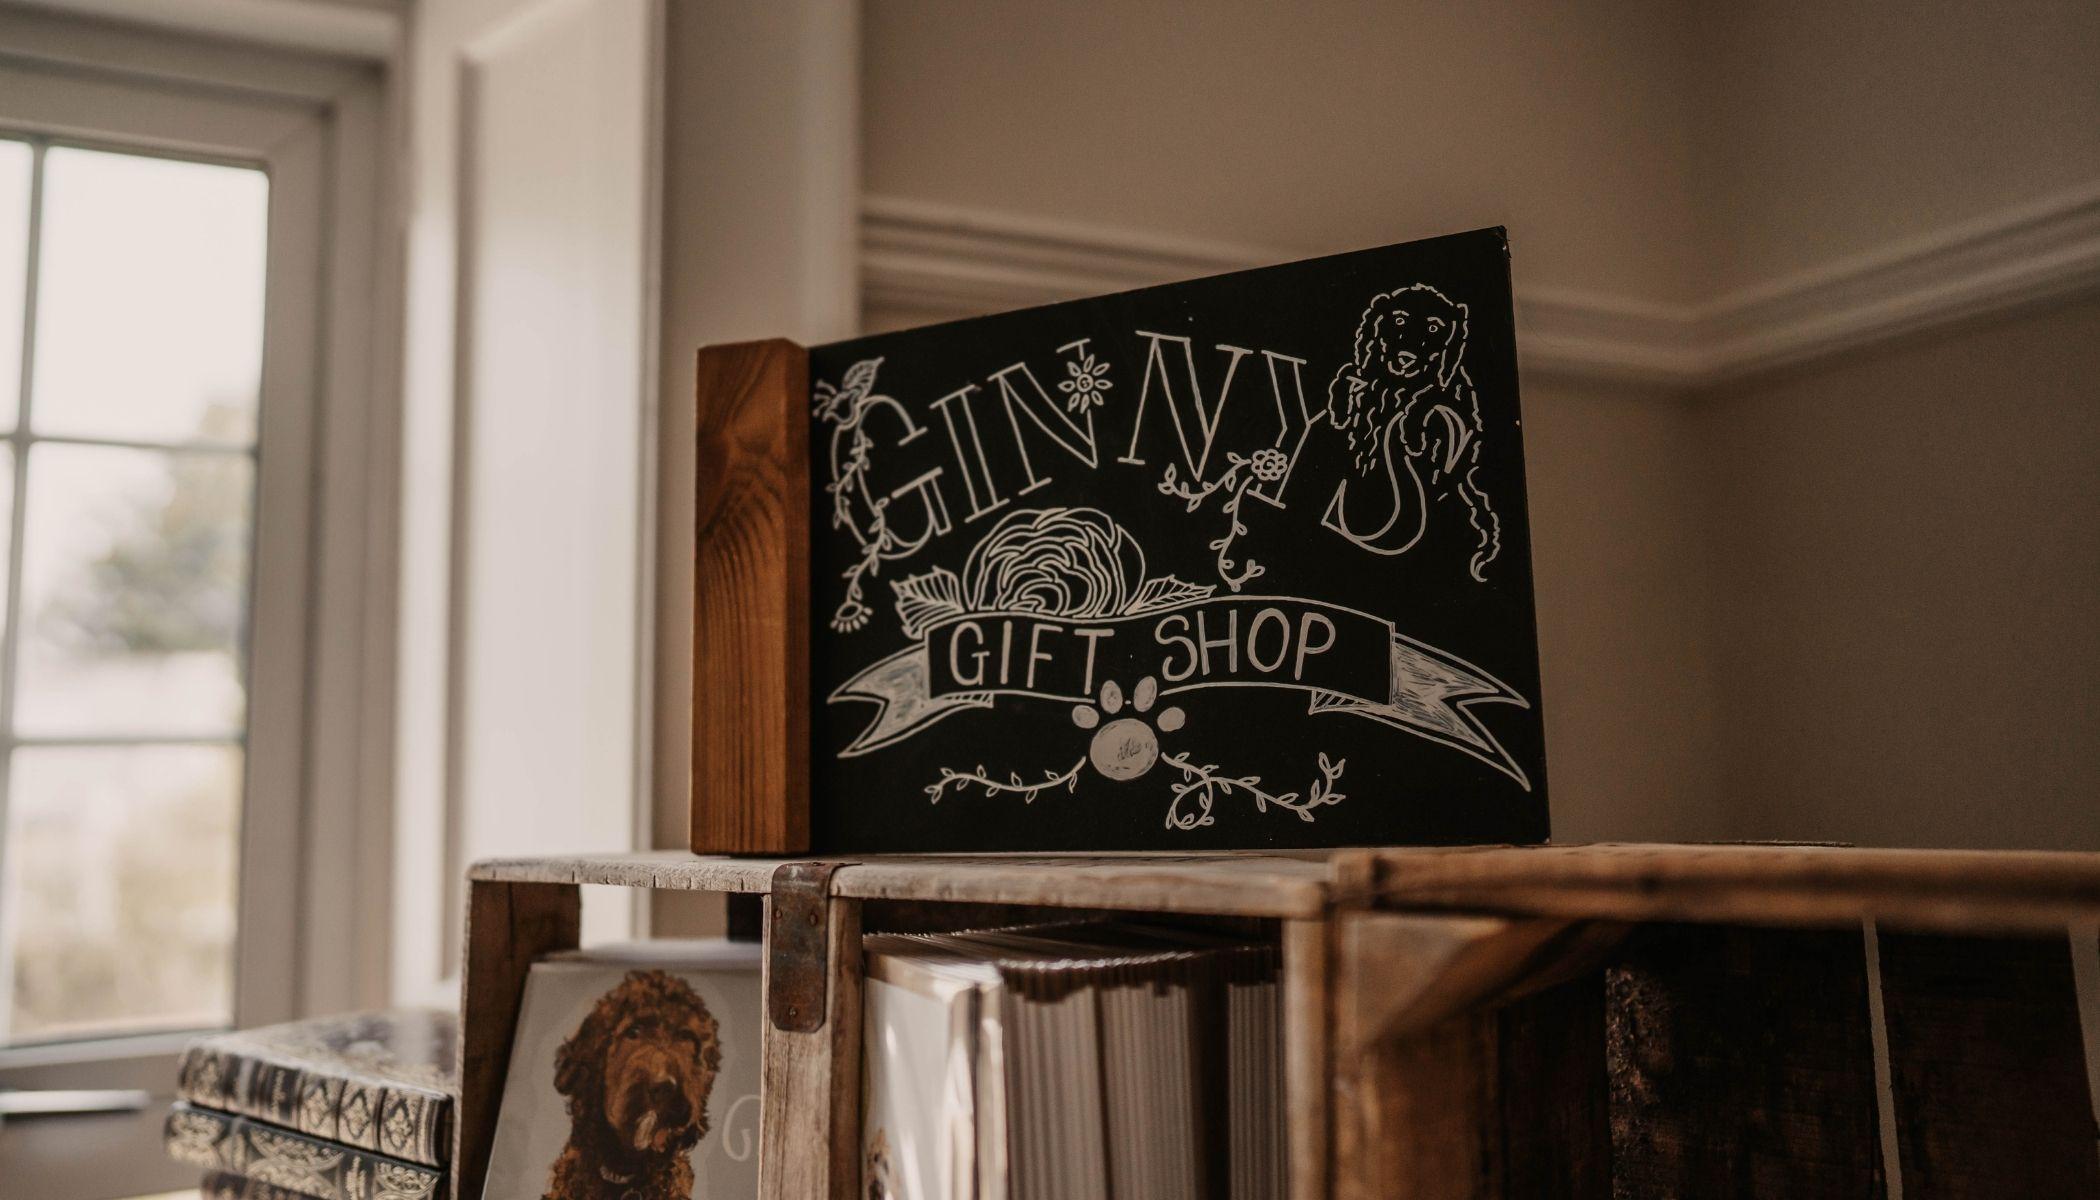 Ginnys Gift Shop